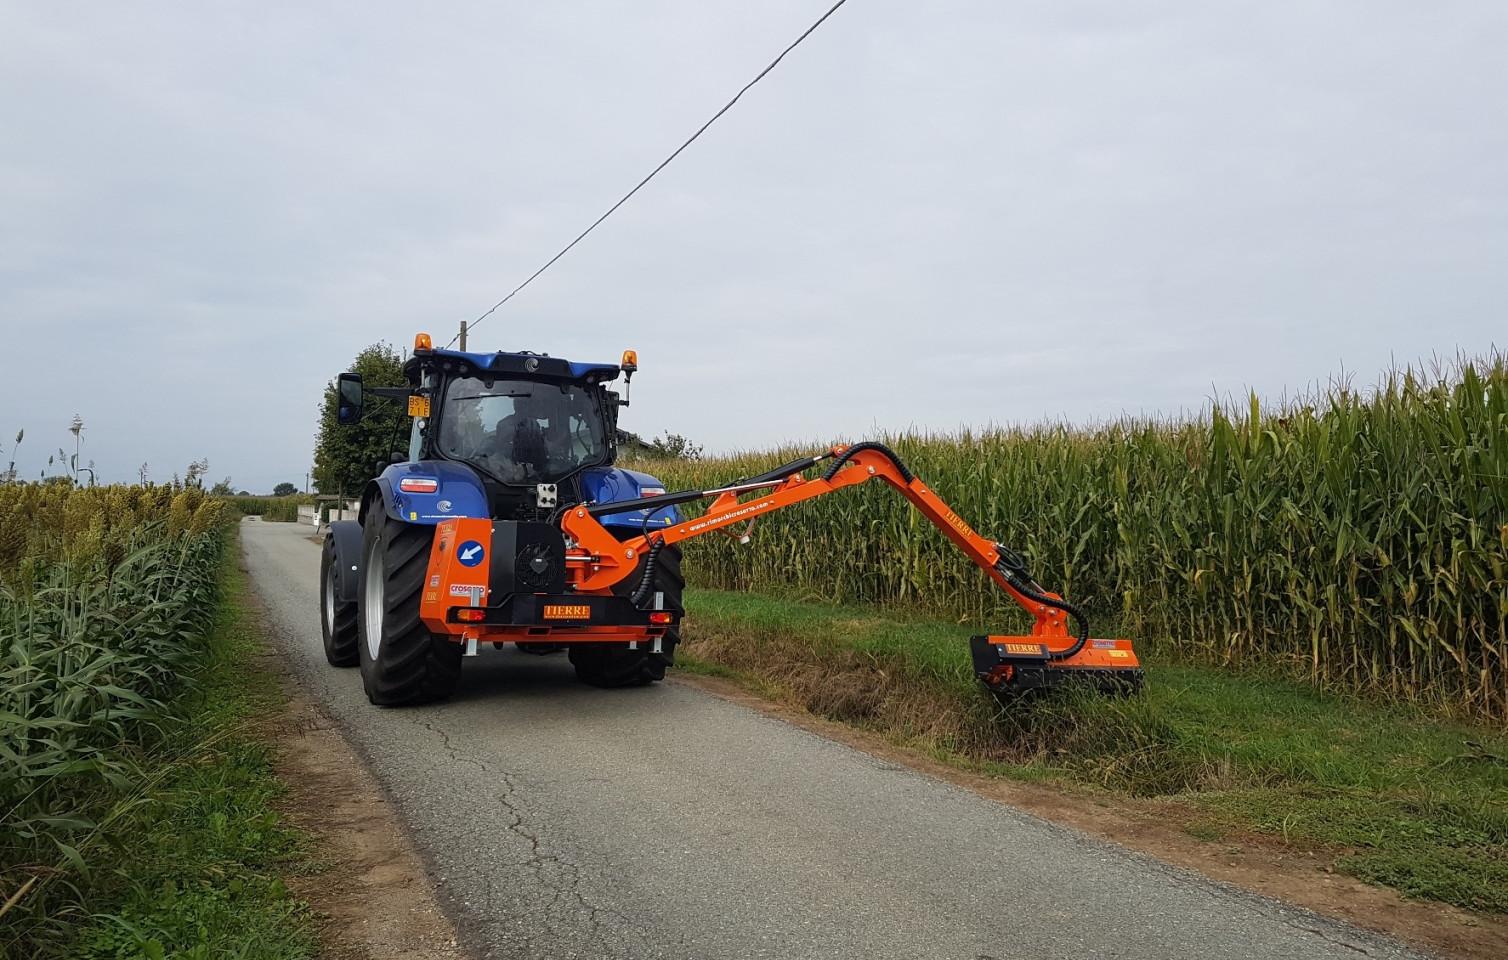 arm-mower-brushcutter-boom-flailmower-mamba-tierre-3